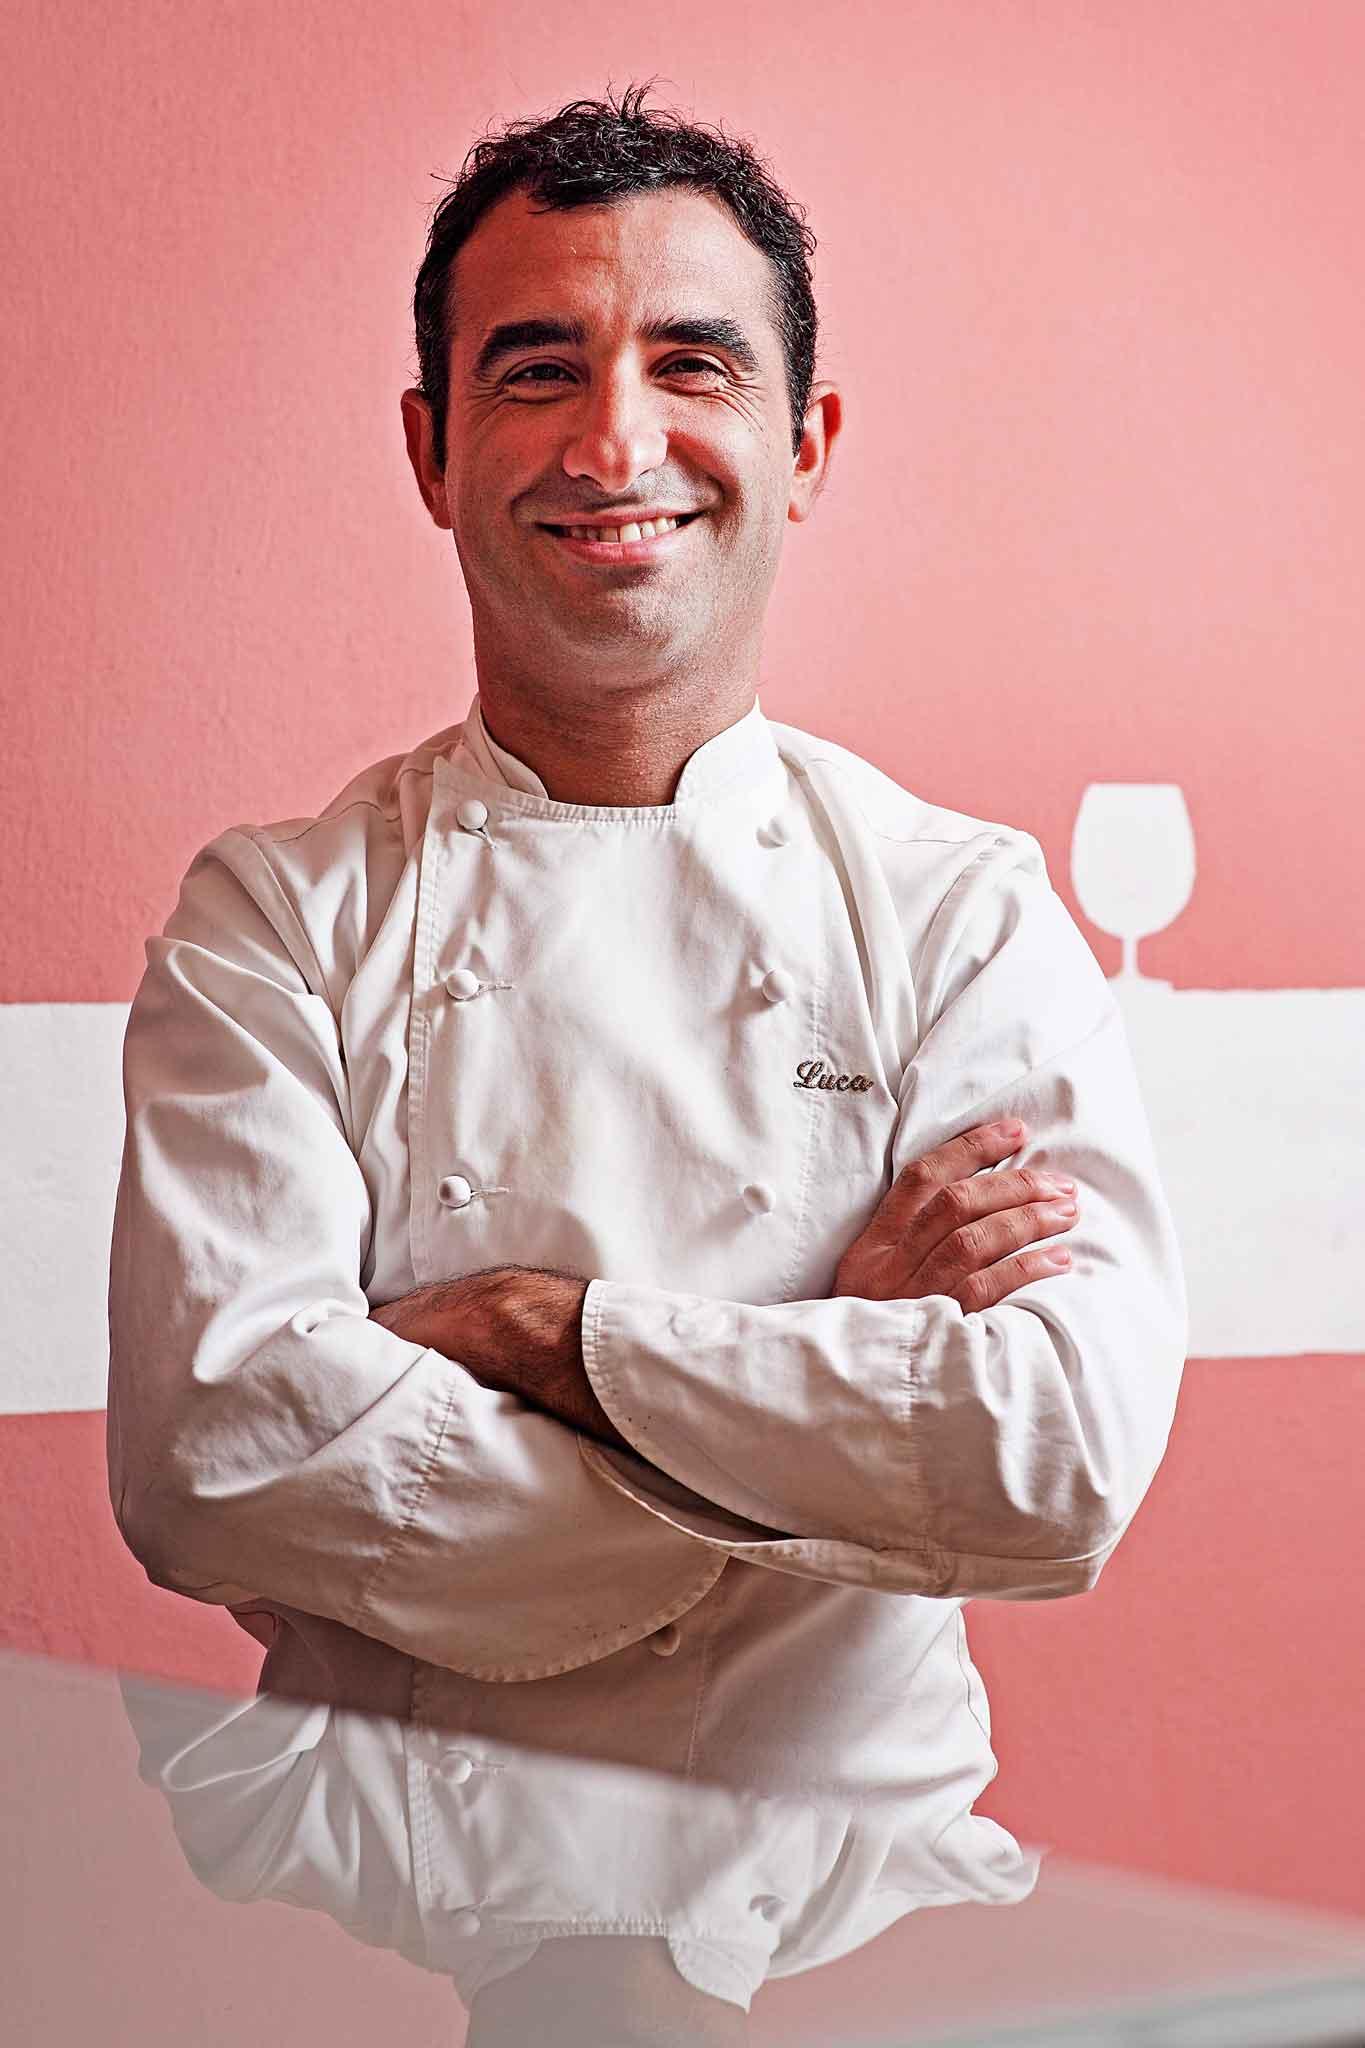 Luca Mattana